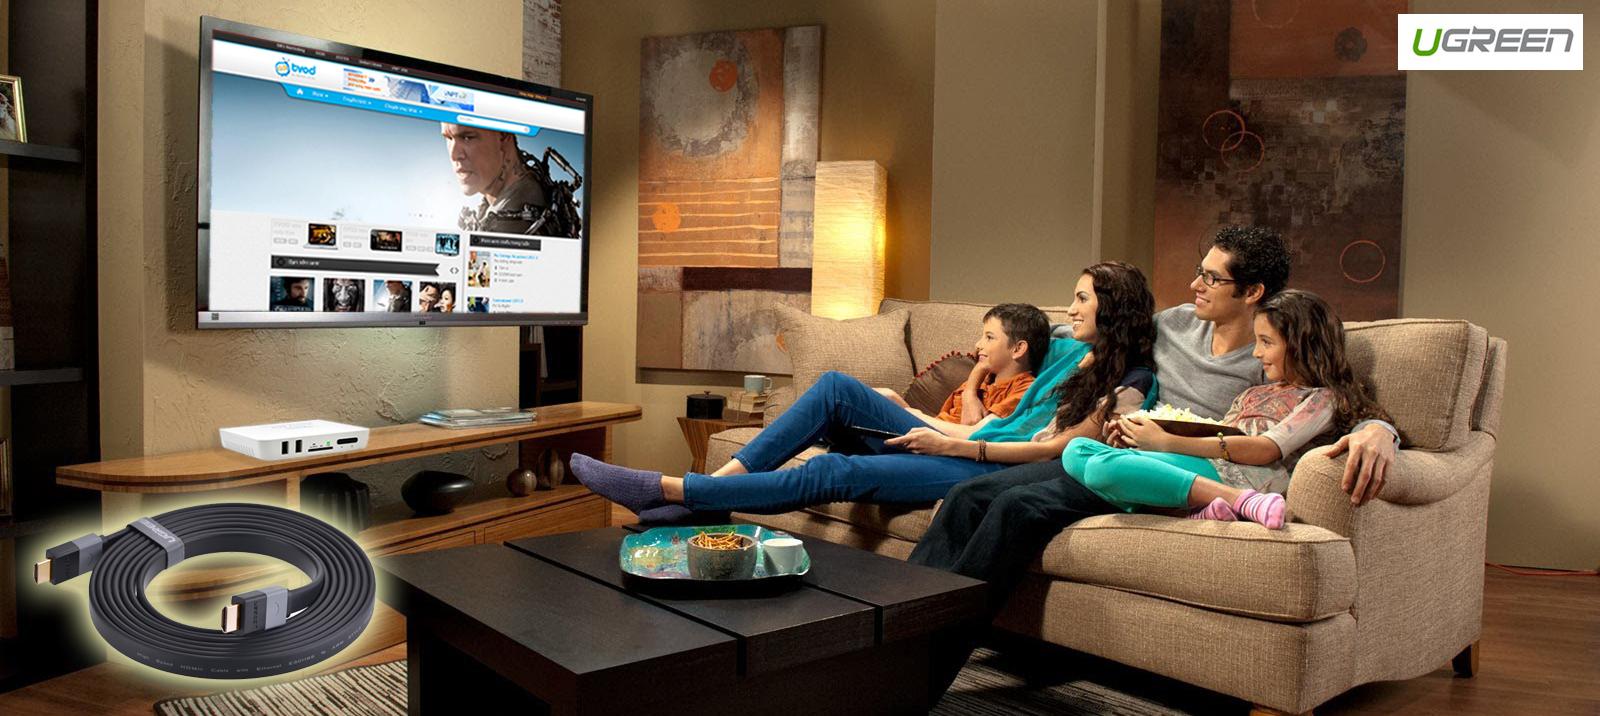 Sản phẩm cần bán: Cáp HDMI dẹt 1m cao cấp Ugreen 30108 Cap-hdmi-det-1m-ugreen-hd120-30108-3